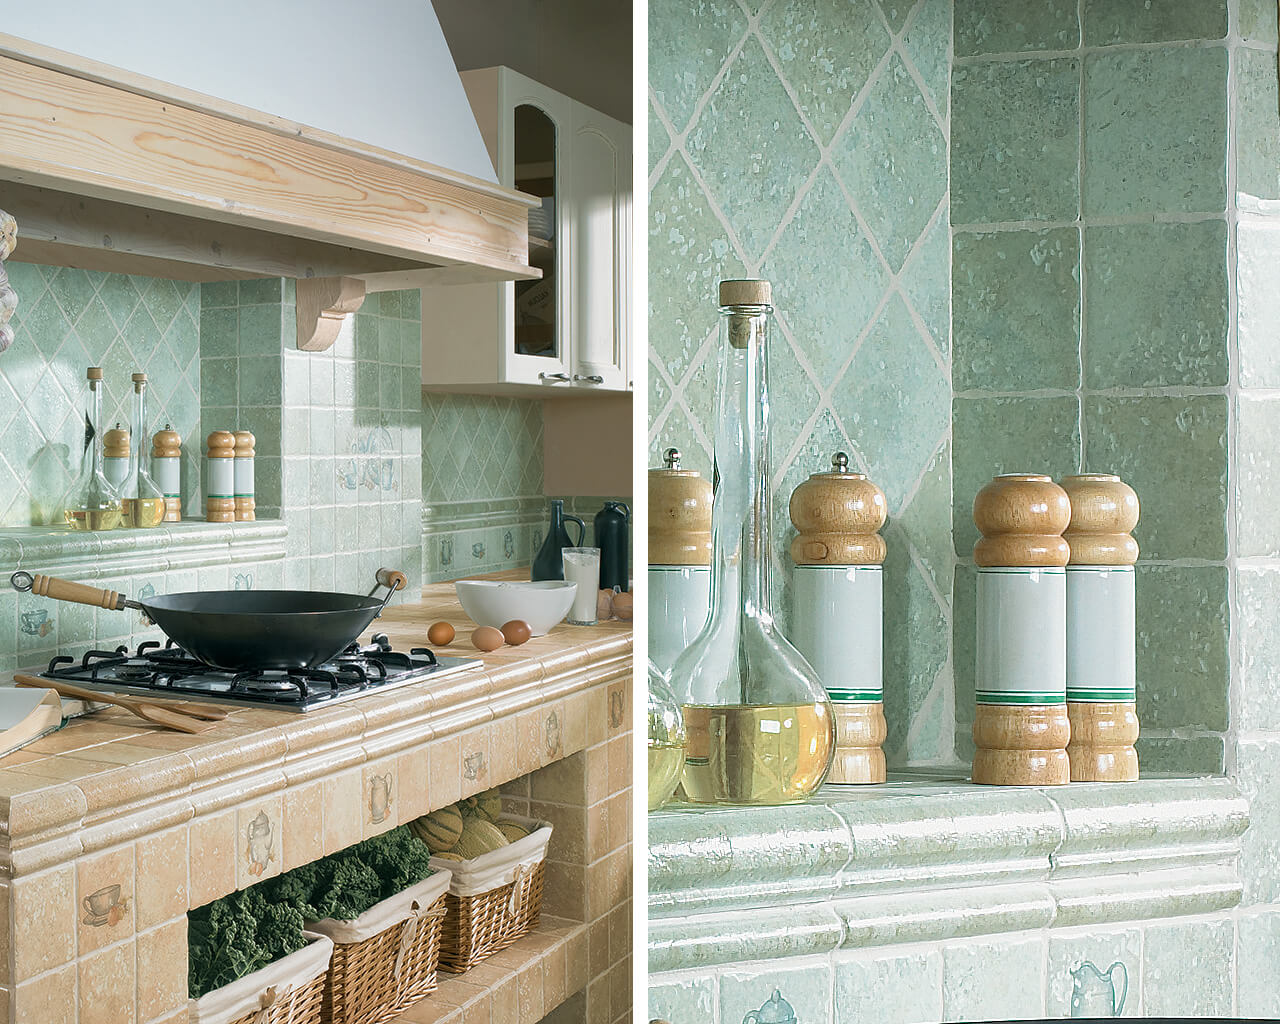 aranzacja-jasnej-kuchni-tretto-tryton-ceramika-paradyz